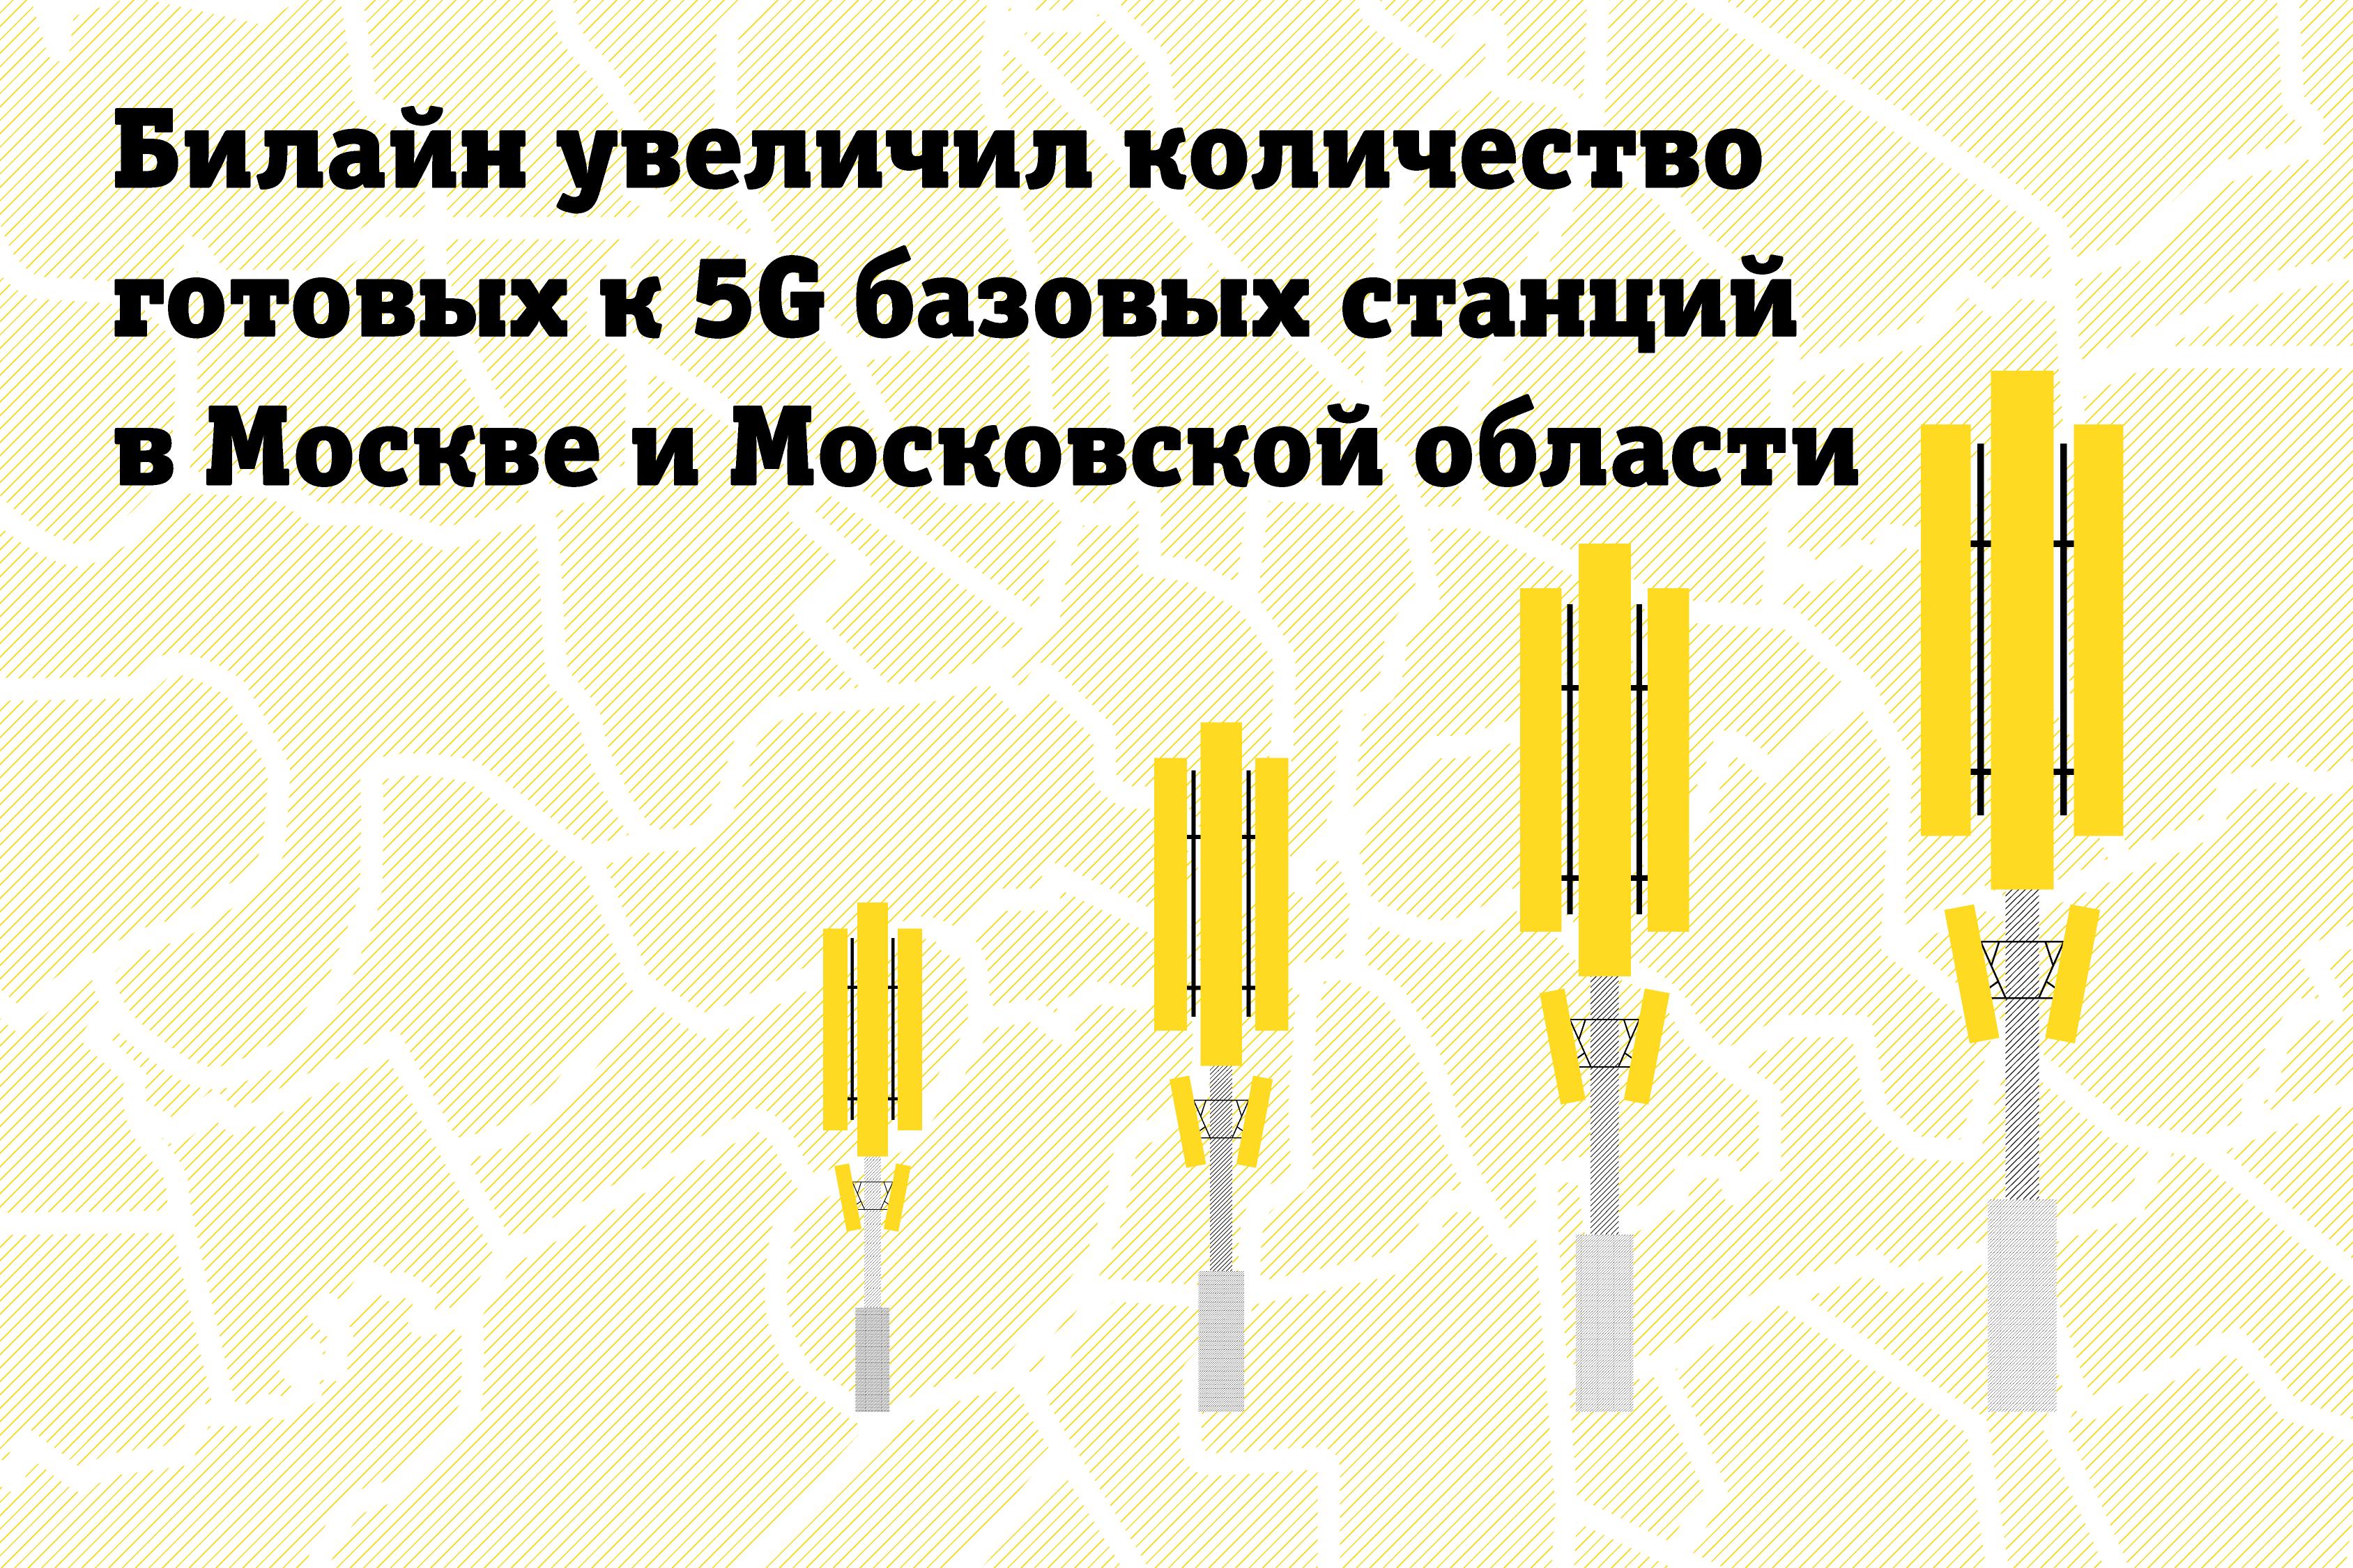 Билайн увеличил количество готовых к 5G базовых станций в Москве и Московской области 1